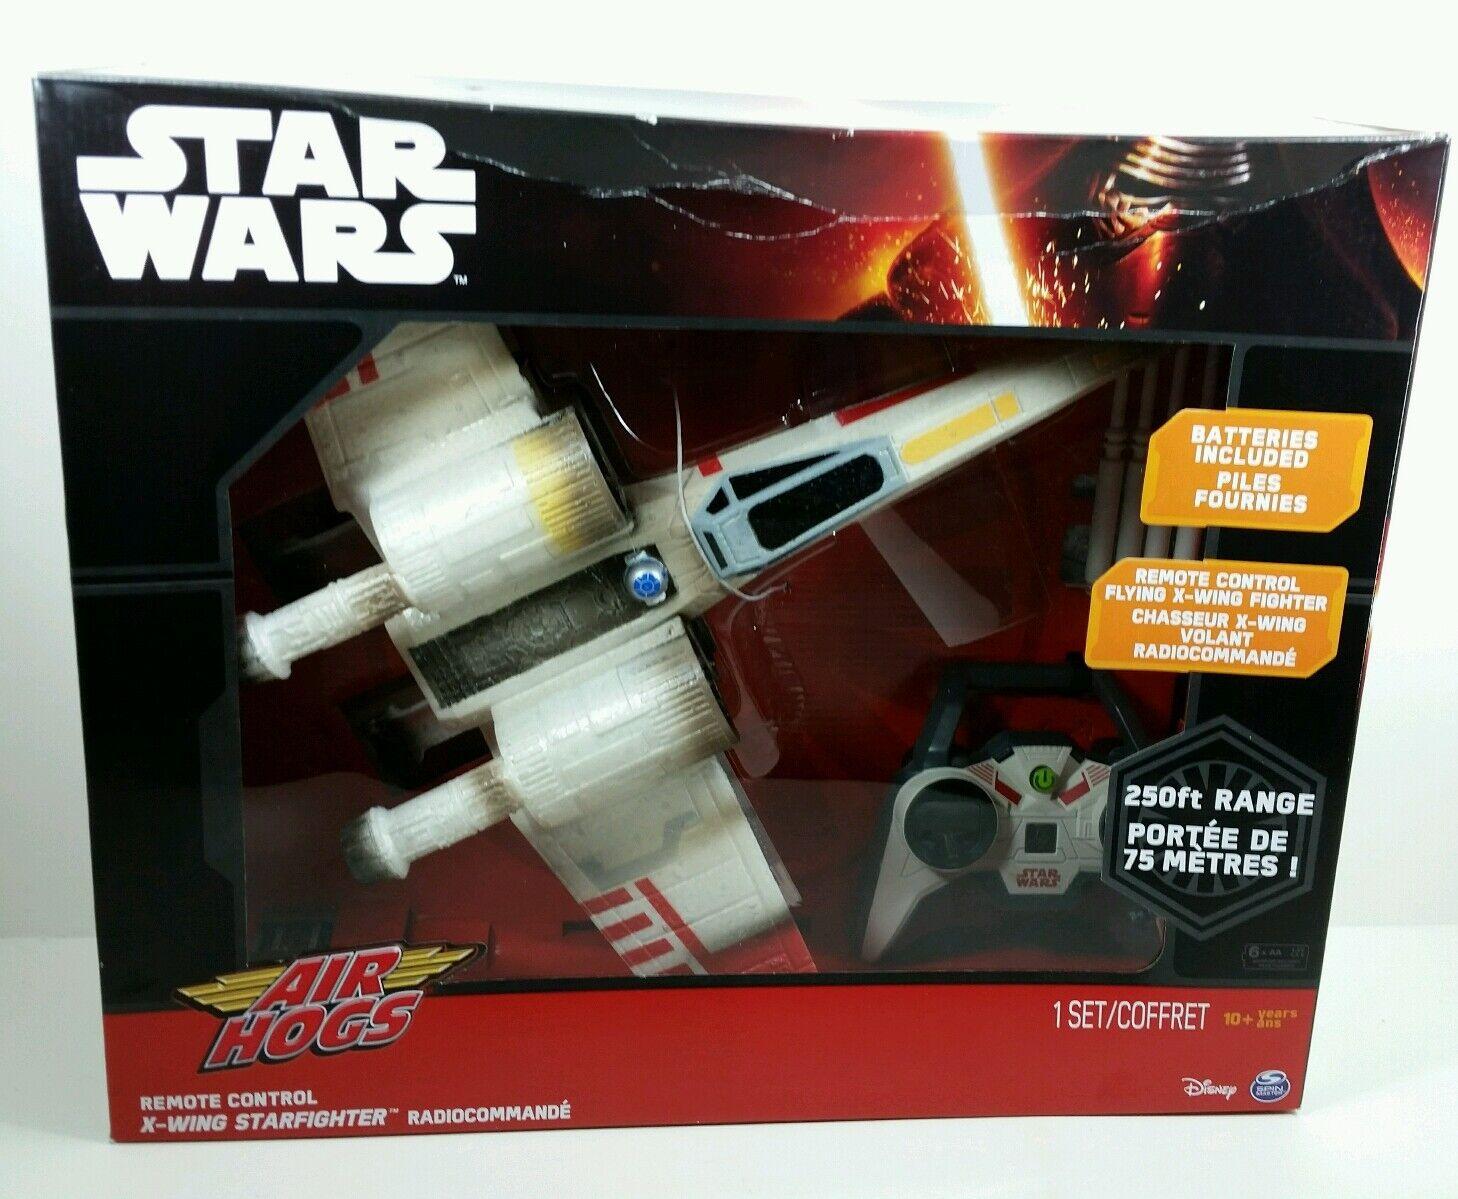 Brand nouveau Star Wars Télécomhommede Air Hogs Chasseur X-Wing Contrôle  Radio Drone Fastship nouveau IN BOX  vente en ligne